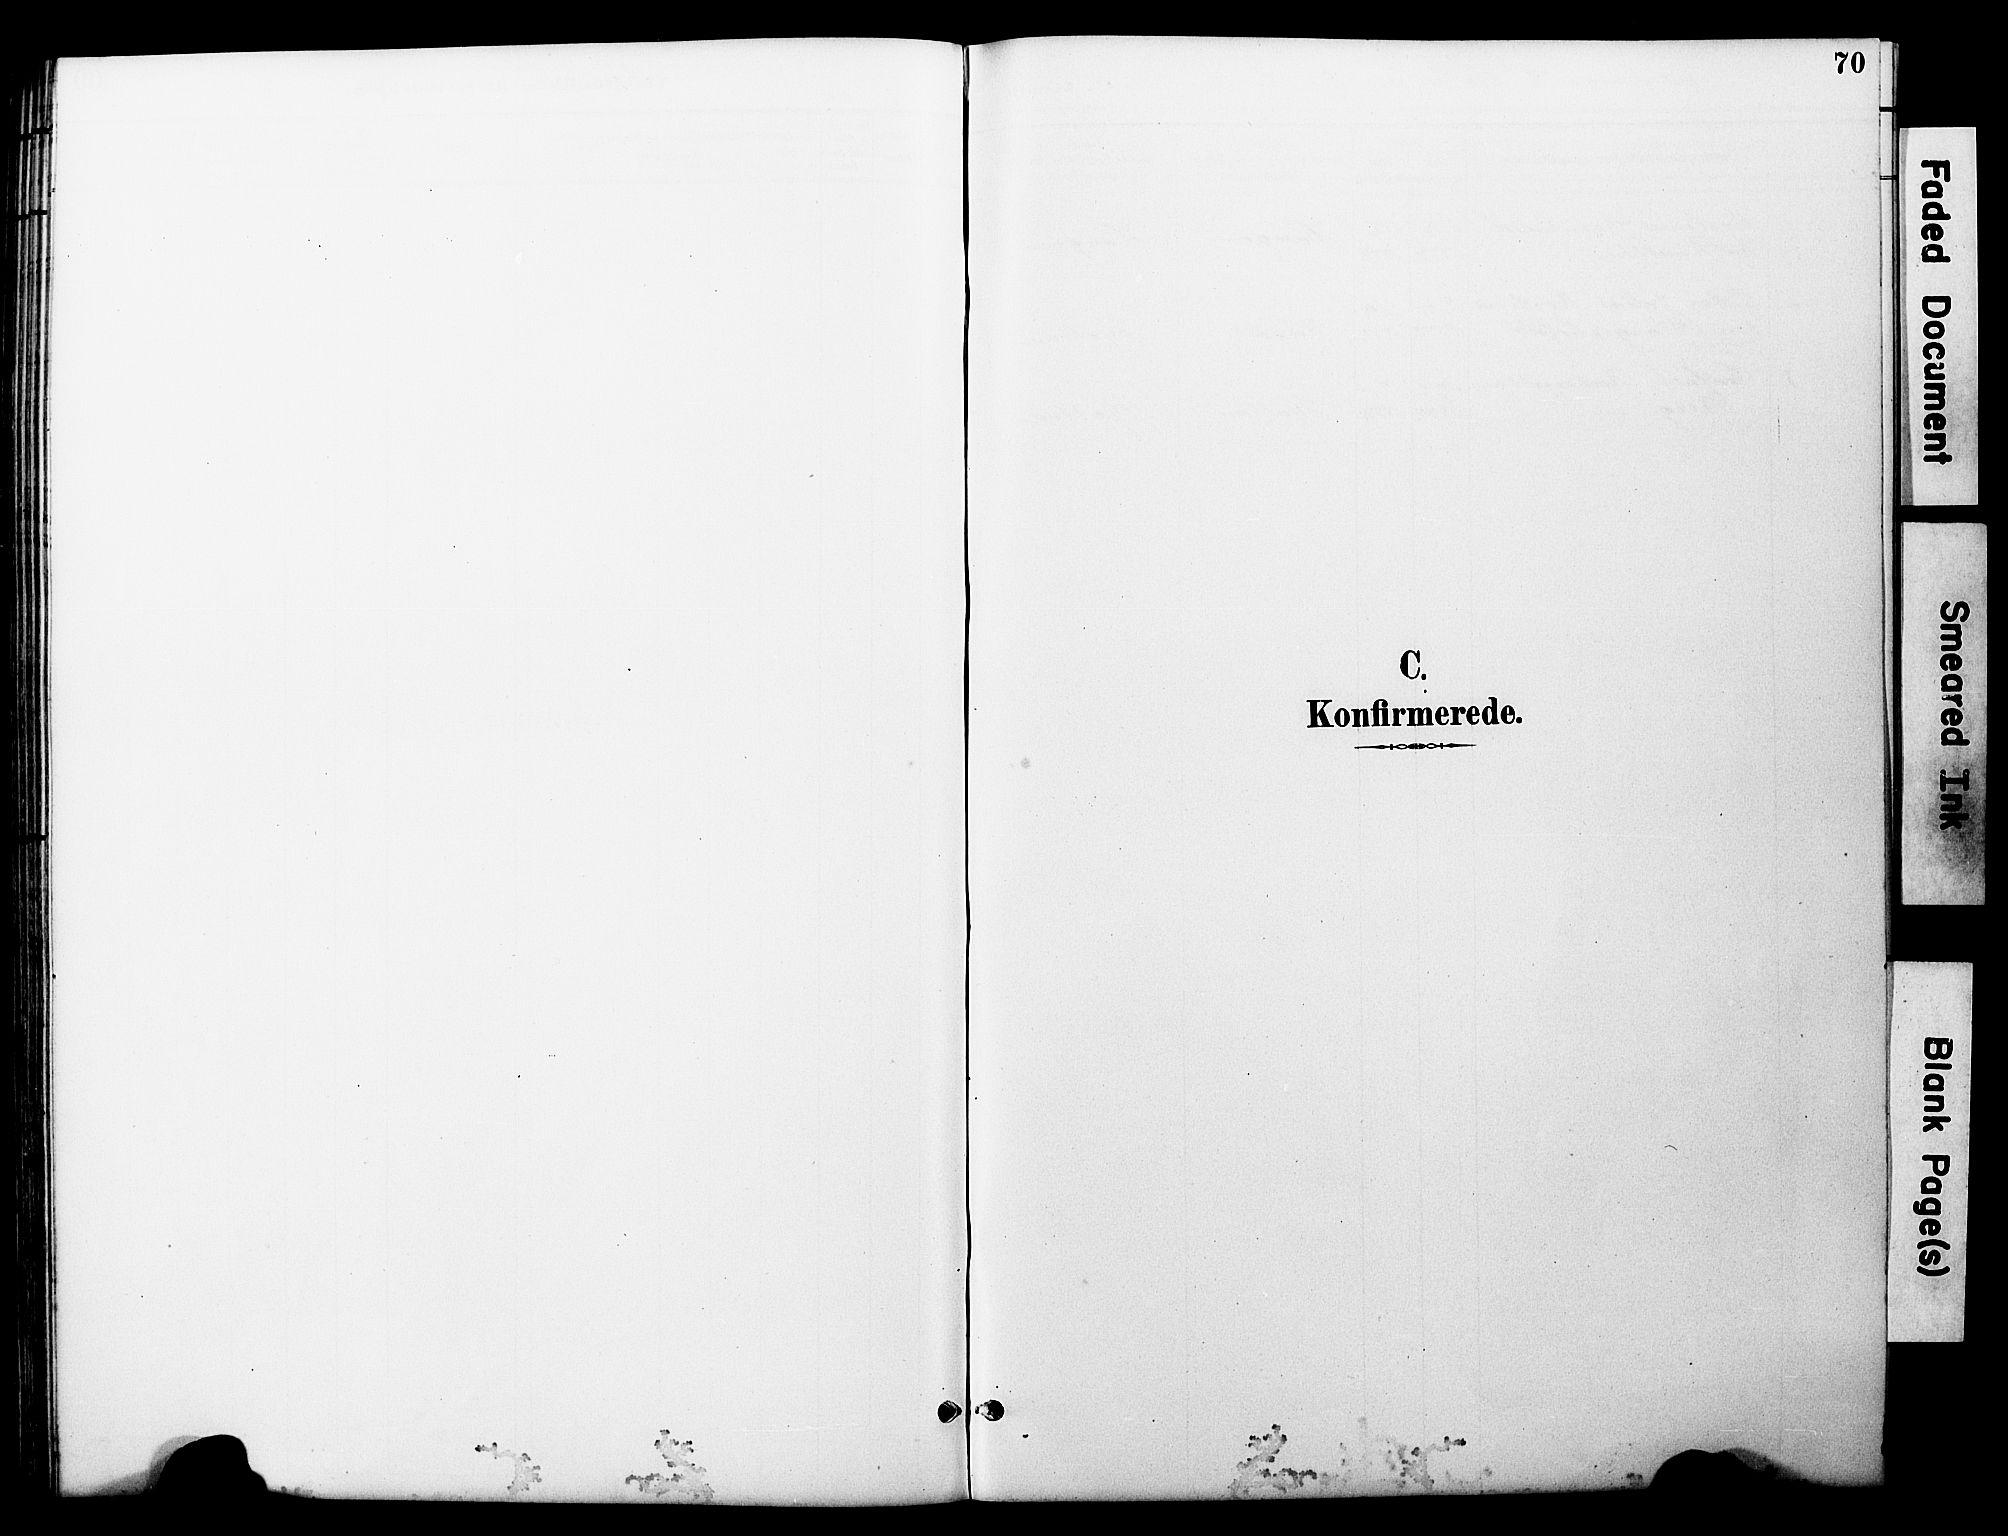 SAT, Ministerialprotokoller, klokkerbøker og fødselsregistre - Nord-Trøndelag, 722/L0226: Klokkerbok nr. 722C02, 1889-1927, s. 70